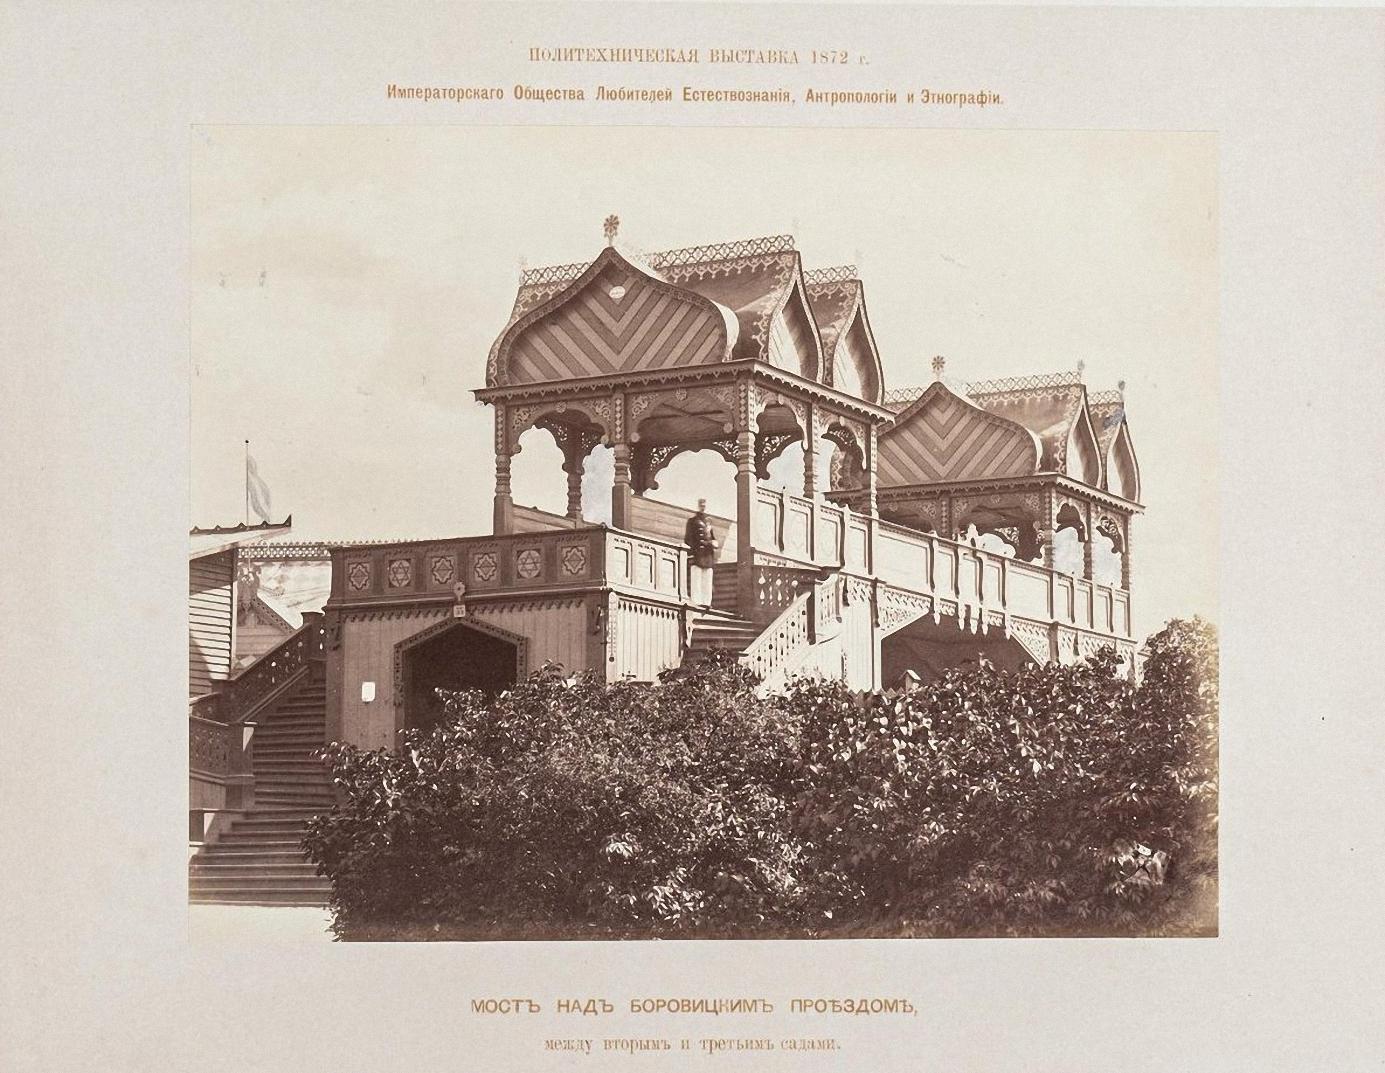 Александровский сад. Мост над Боровицким проездом между вторым и третьи садами